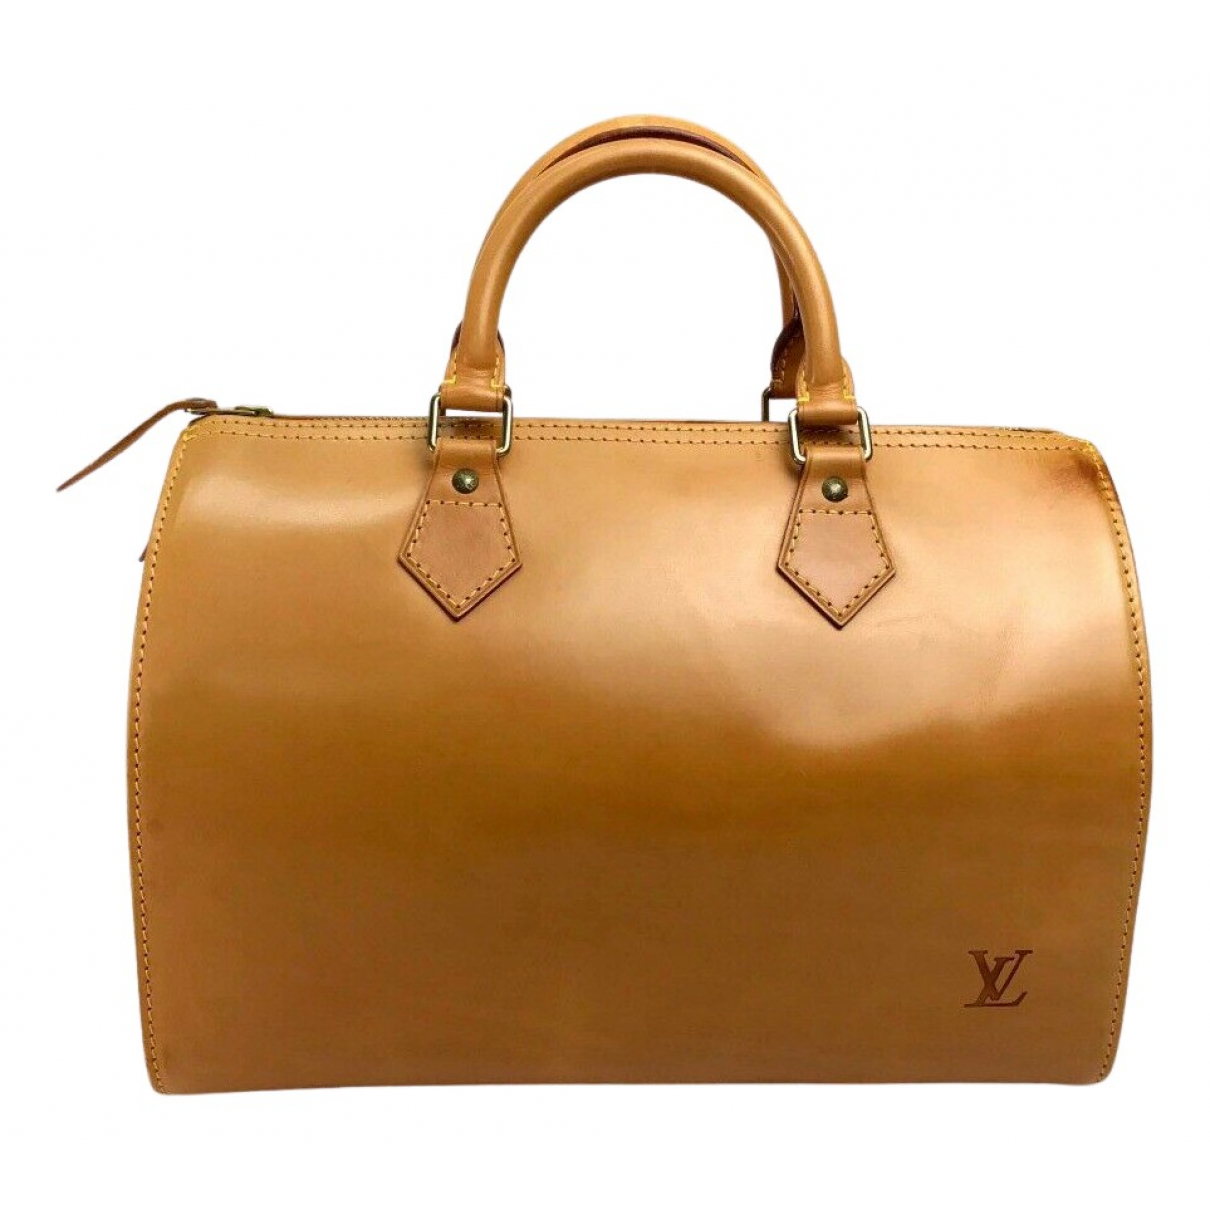 Louis Vuitton Speedy Handtasche in  Kamel Leder